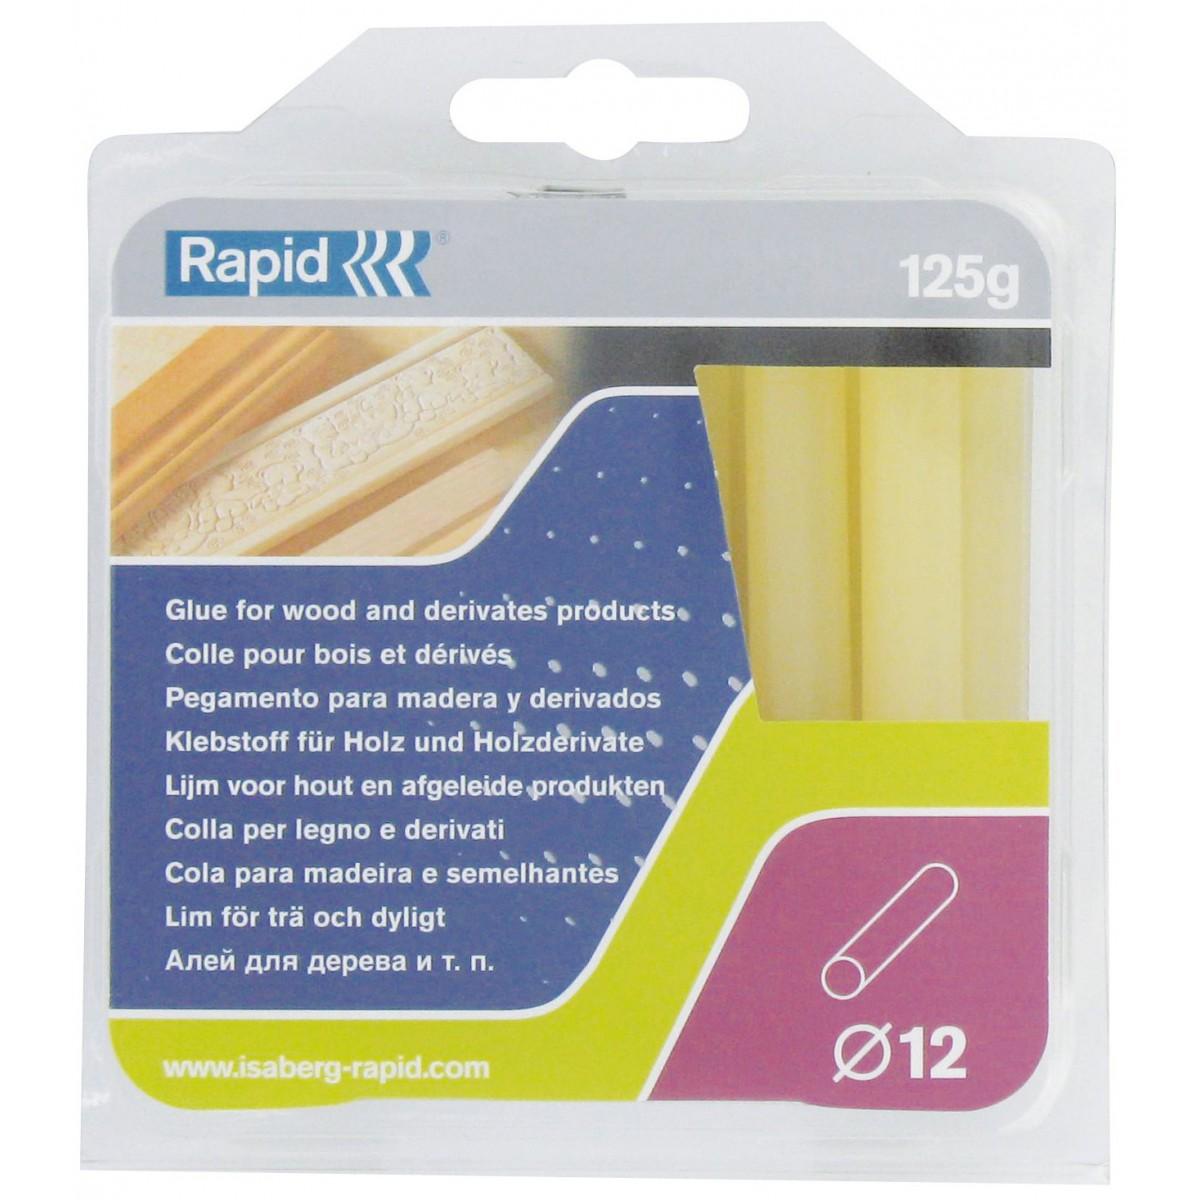 Colle spécifique diamètre 12 mm Rapid Agraf - Pour bois et dérivés - 125 g